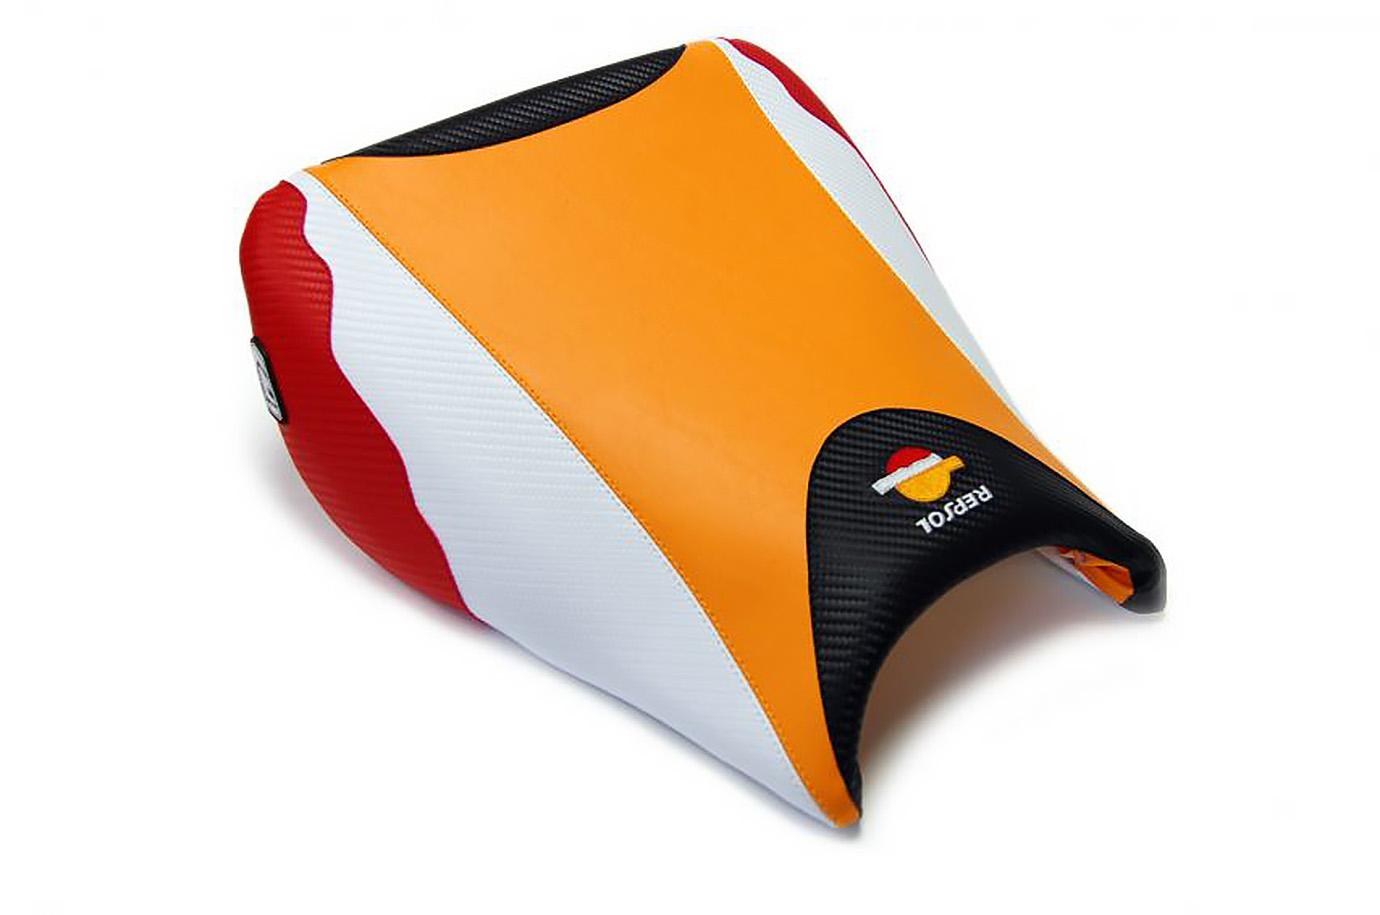 HONDA CBR1000RR 04-07 LUIMOTO 製ライダーシートカバー (Limited Edition 2094101)